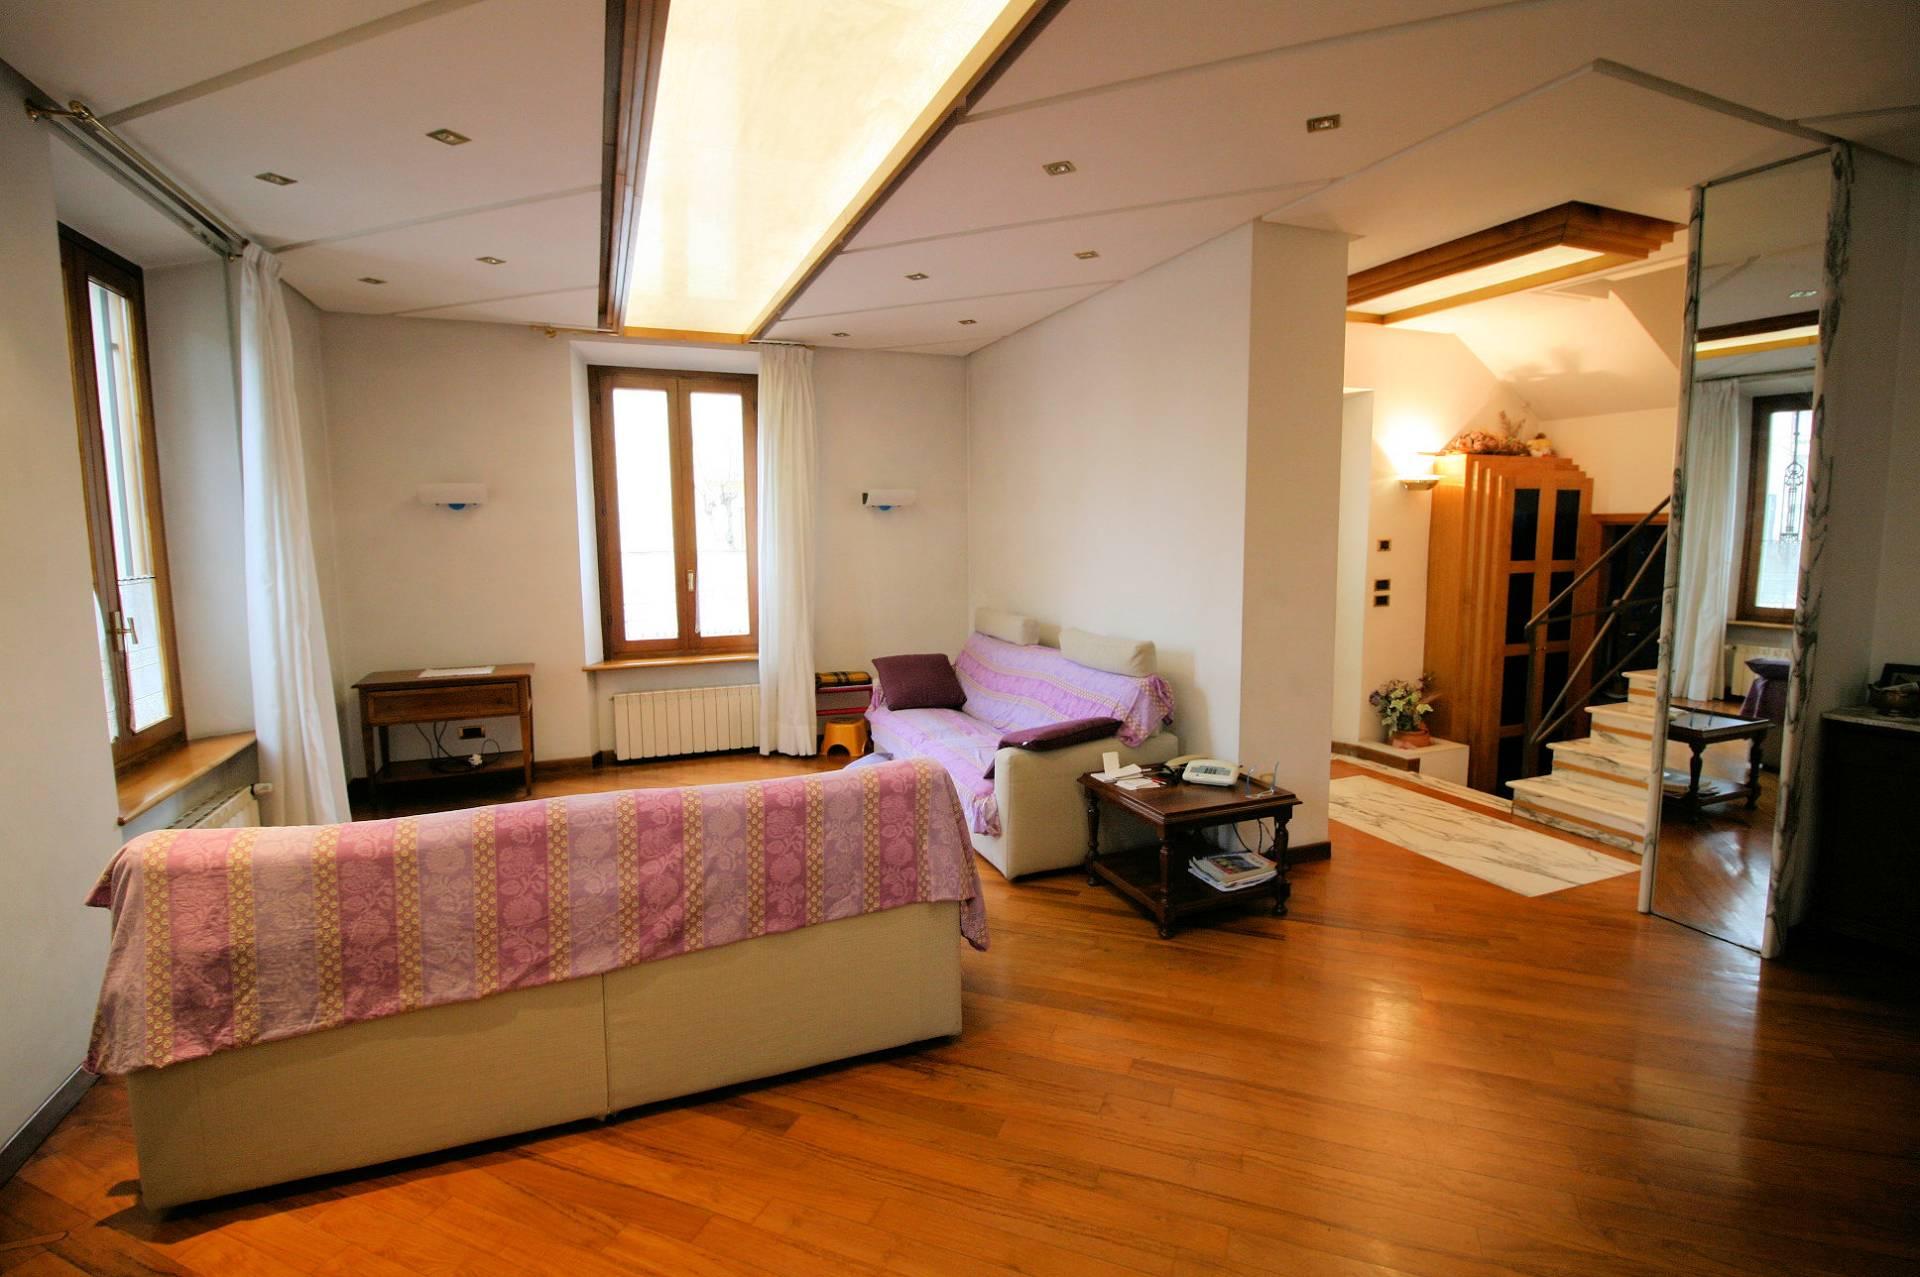 Villa Bifamiliare in vendita a Montecatini-Terme, 9 locali, prezzo € 590.000   Cambio Casa.it